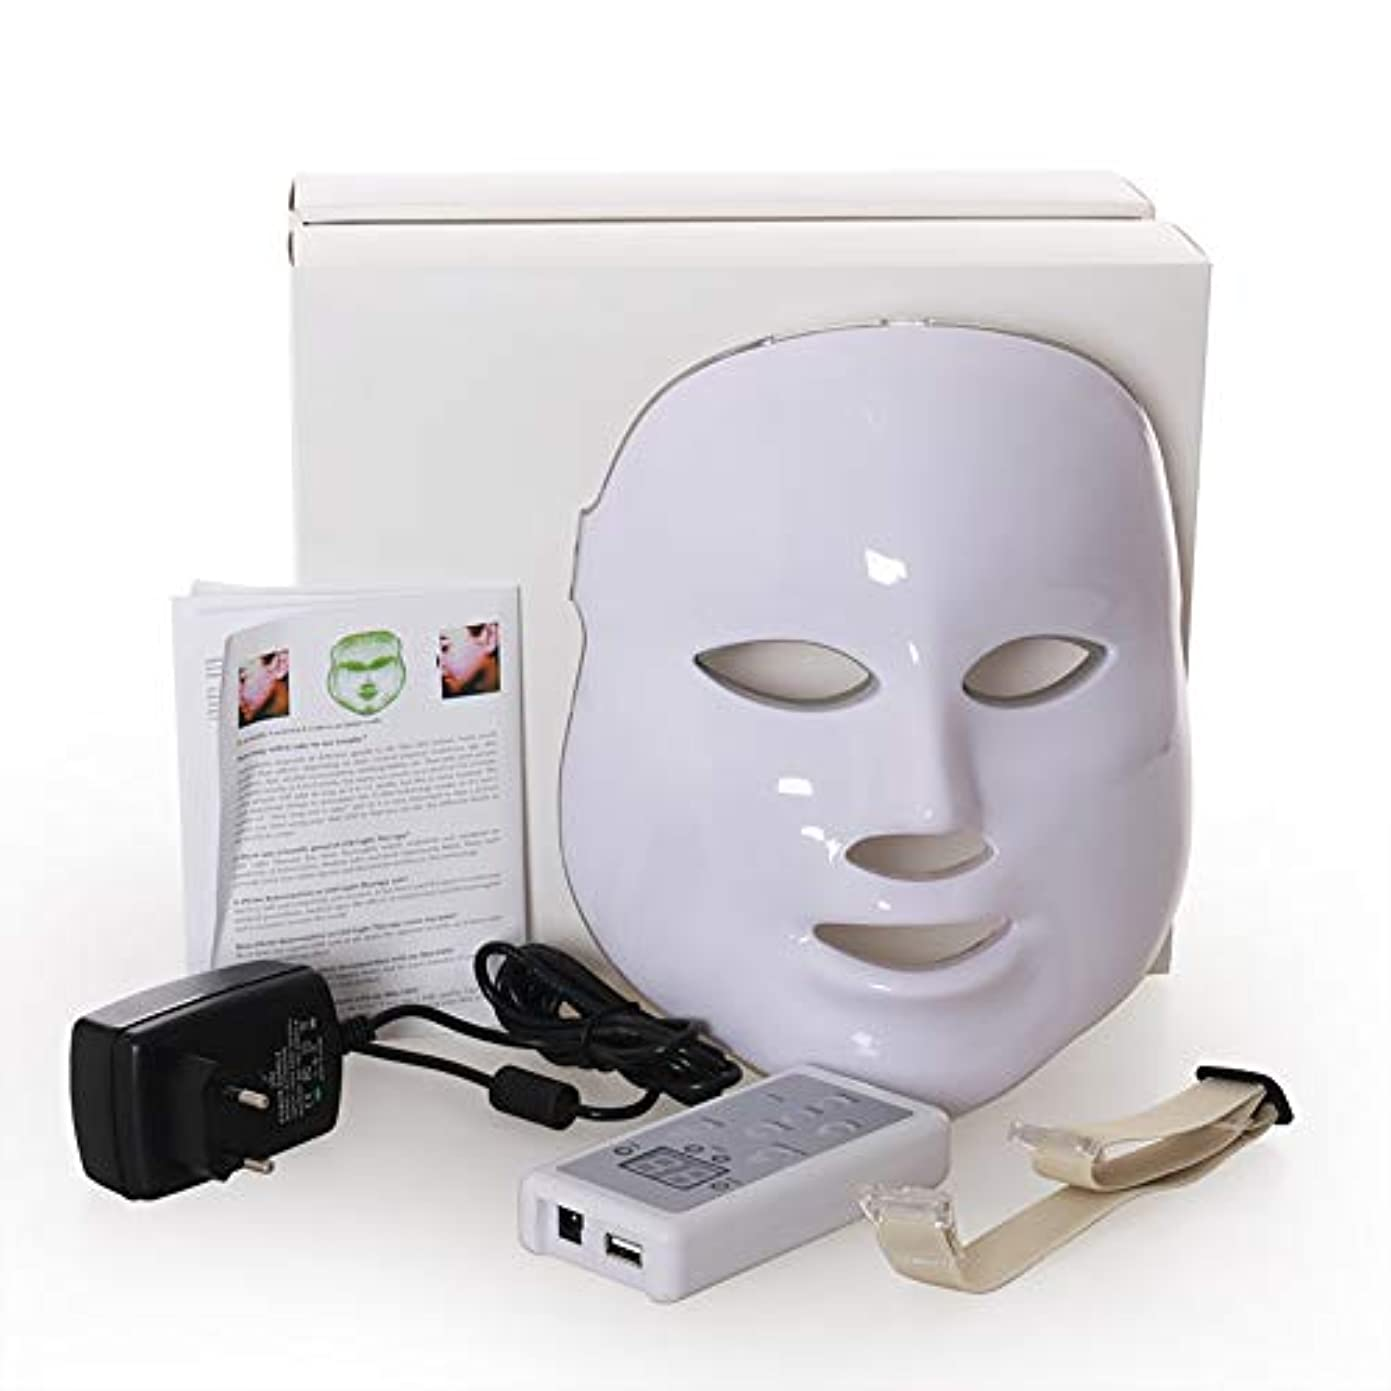 再集計絶壁前売Led のマスク、7色はしわ、にきび及び健康な皮の若返りのコラーゲン、反老化の美のマスクのための軽い療法の顔のスキンケアのマスクを導きました